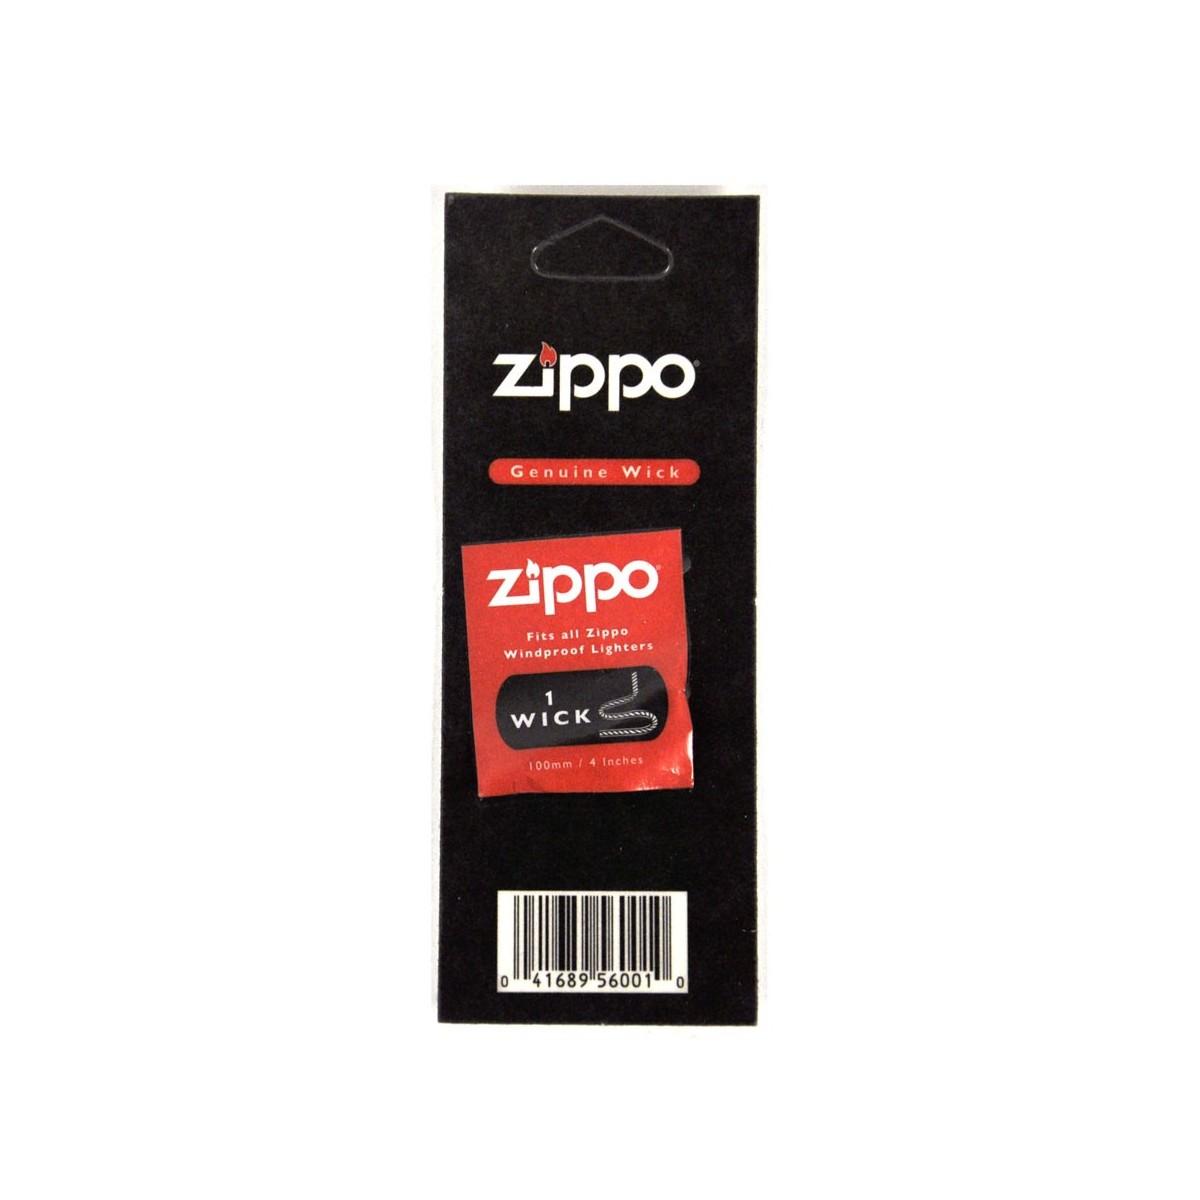 ไส้ไฟแชคซิปโป้ Zippo? Wicks,2425